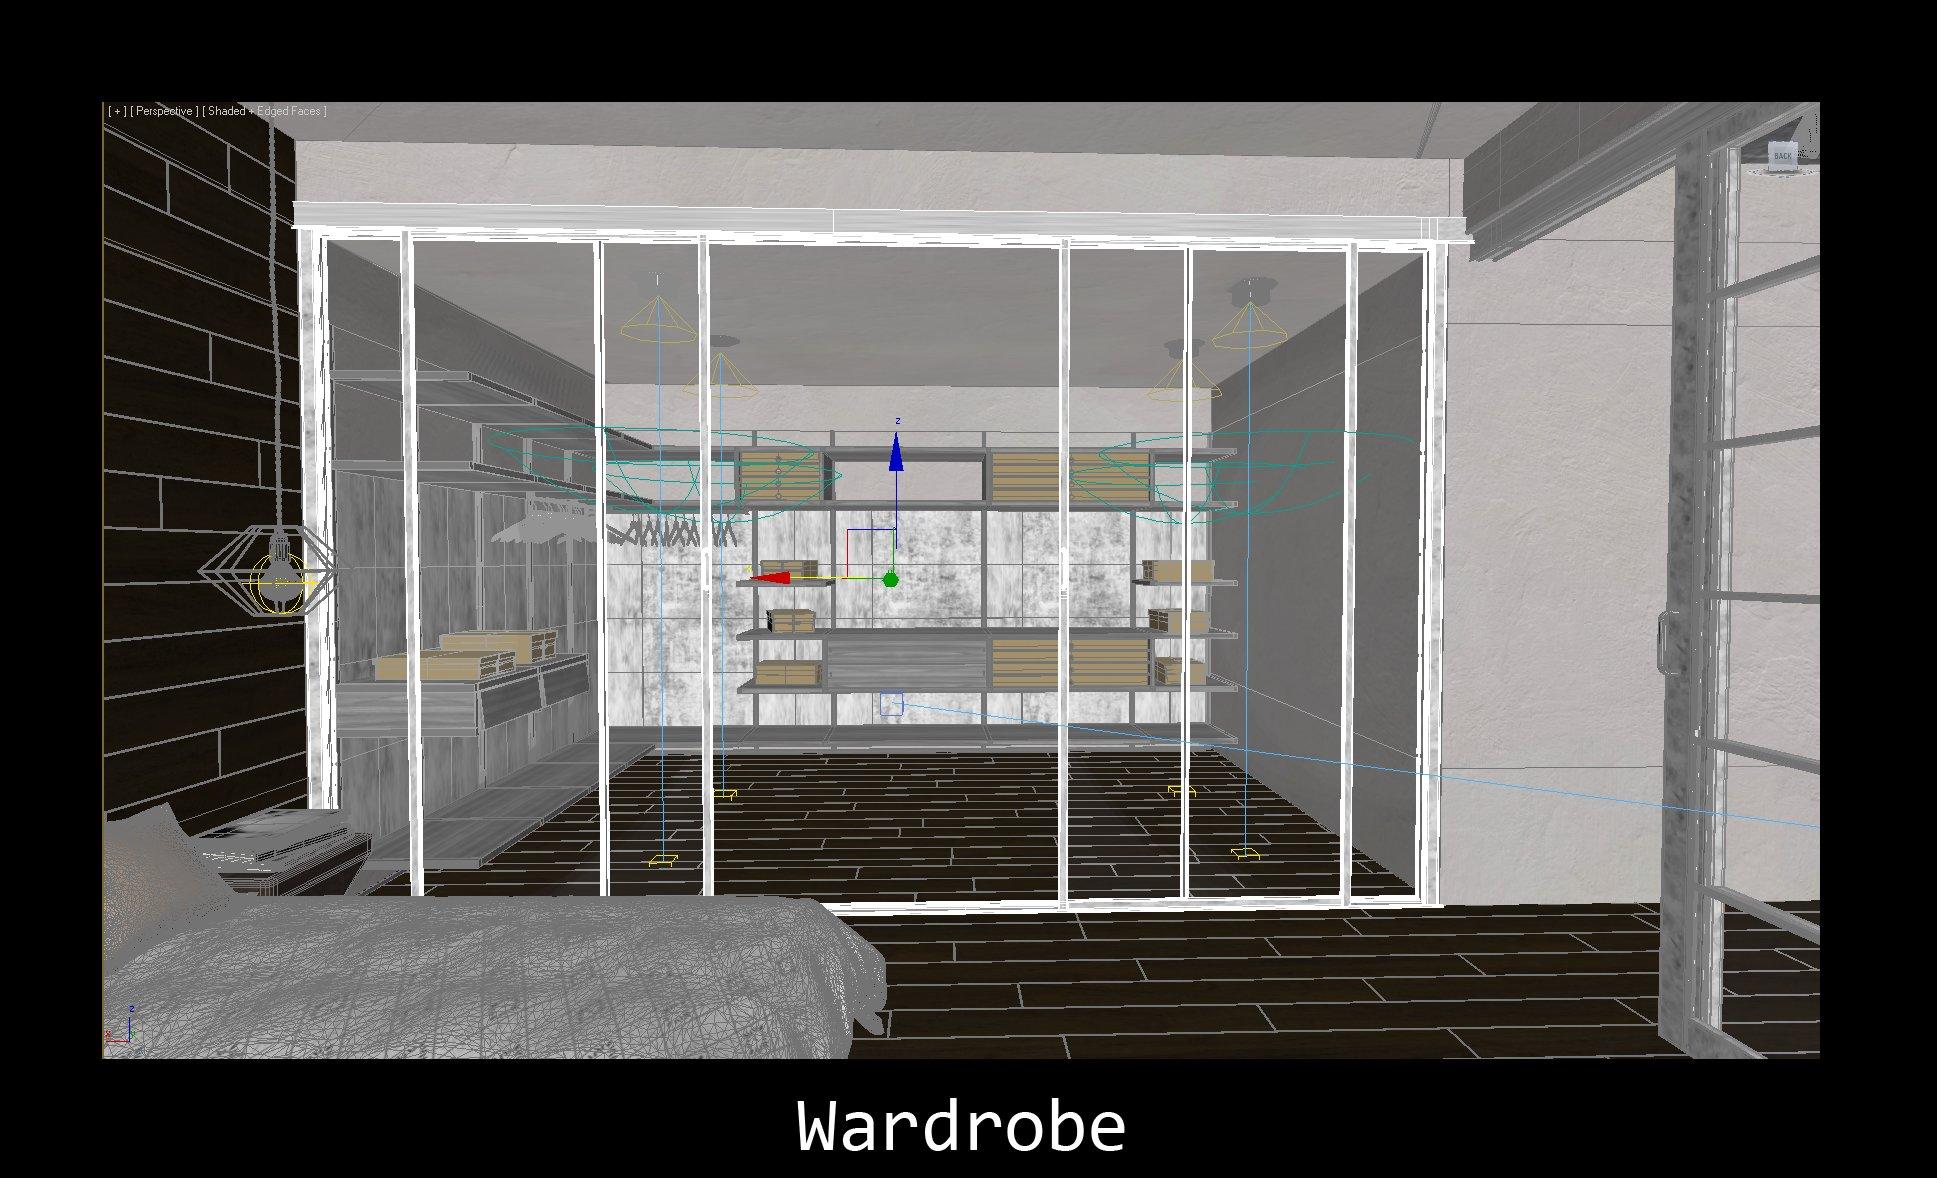 0009_004_Wardrobe_NR_02831.jpg